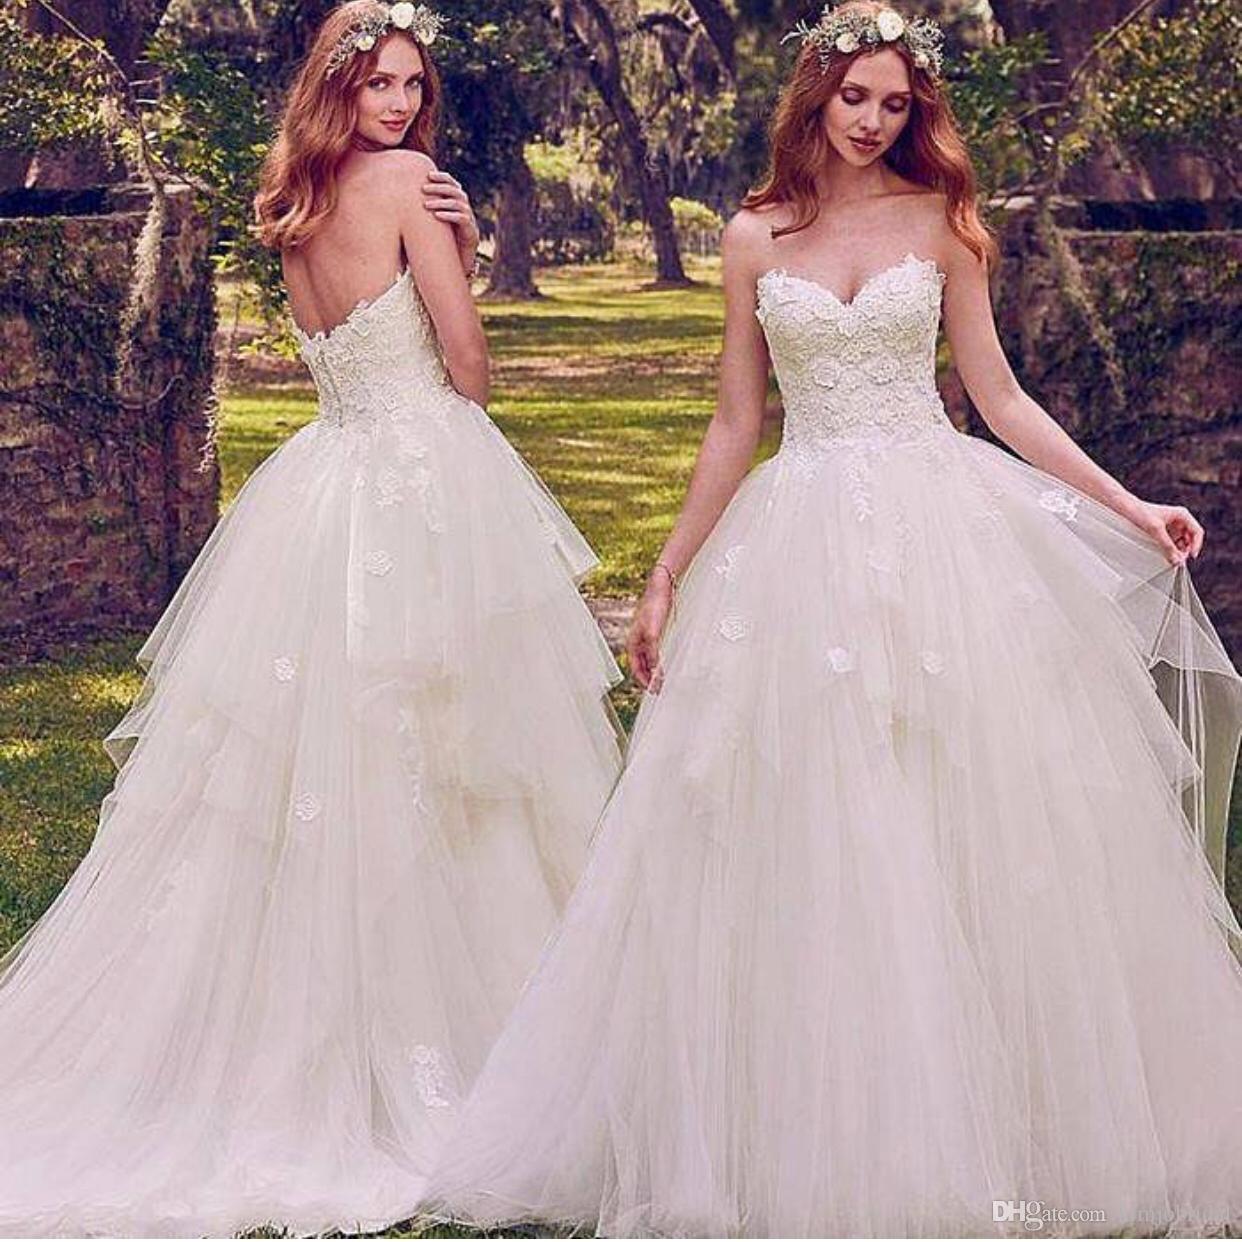 2d2251f0d58 White Cheap Wedding Dresses 2019 Western Style Lace Applique Elegant ...